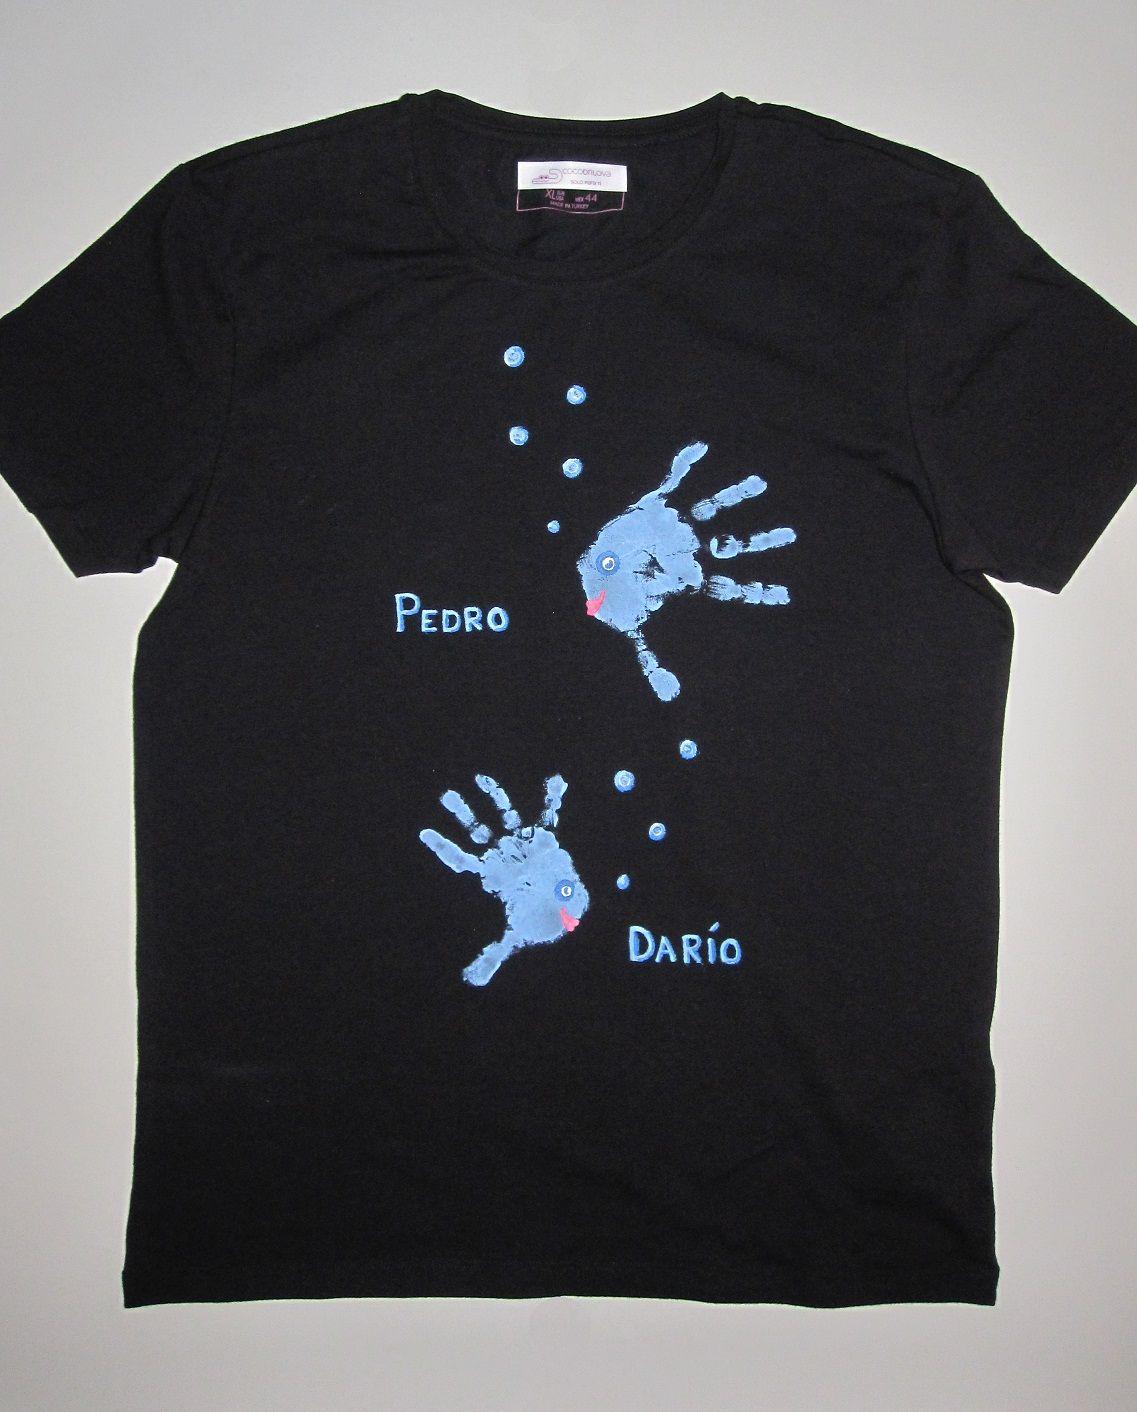 camiseta dia del padre | Camisetas dia del padre, Dia del padre y ...